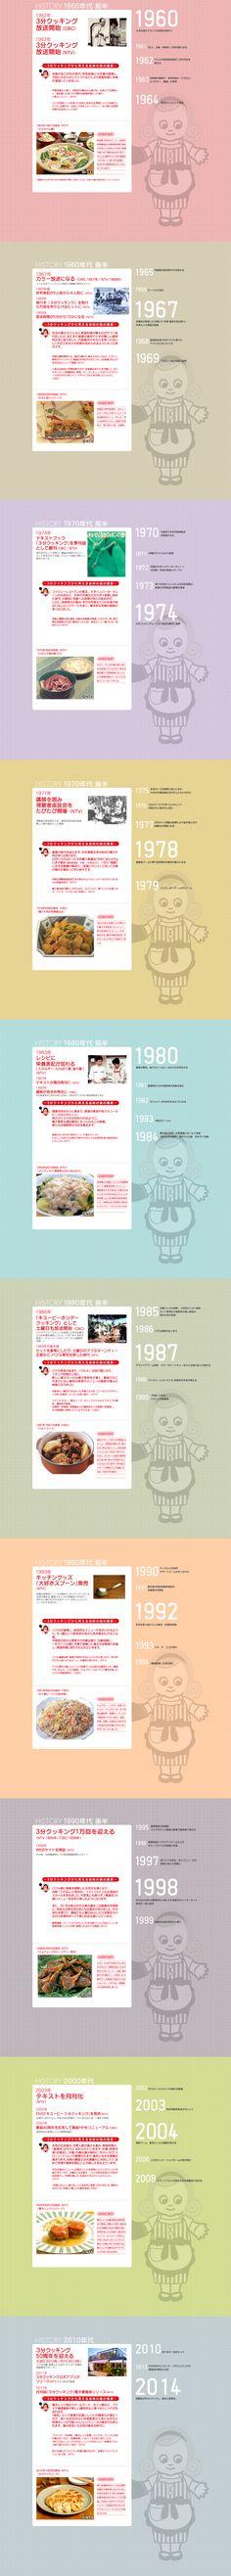 Kewpie TV History